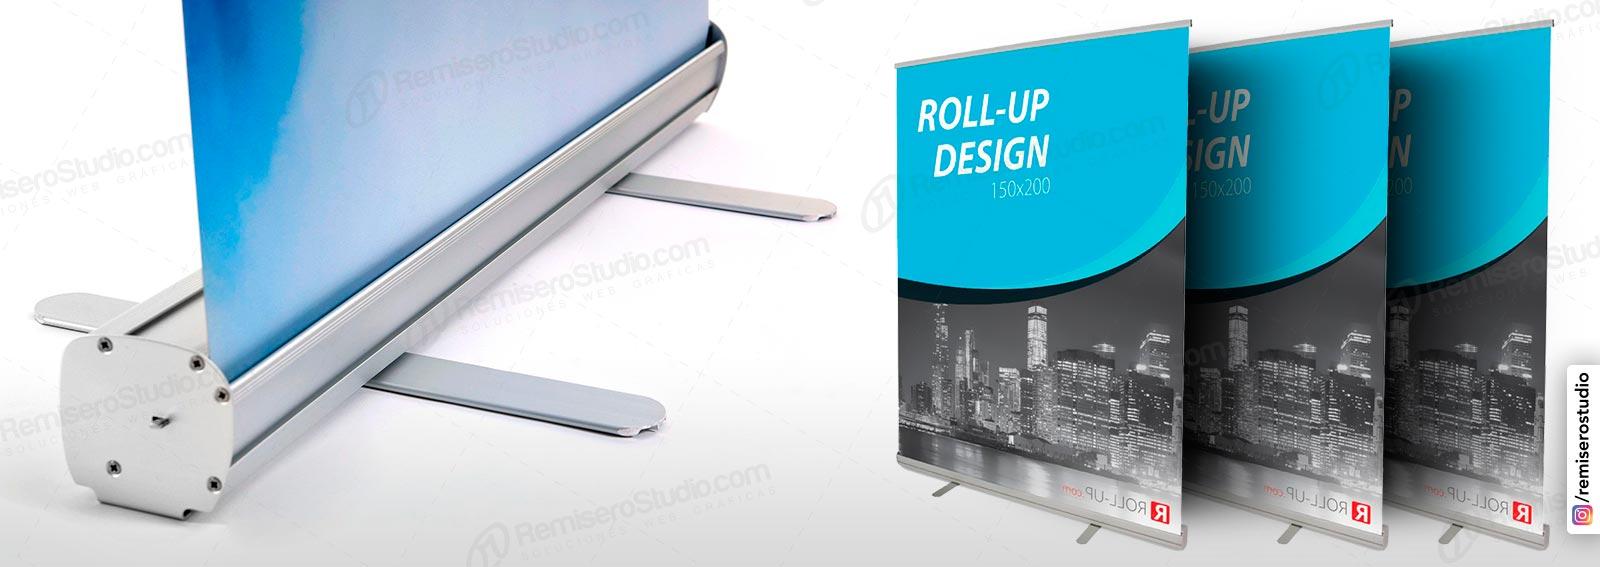 Roll Up banner o Roll Screen de 1.50 x 2.0 metros: Parante publicitario de aluminio para banner impreso a full color en alta resolución: 1440 dpi, incluye maletín